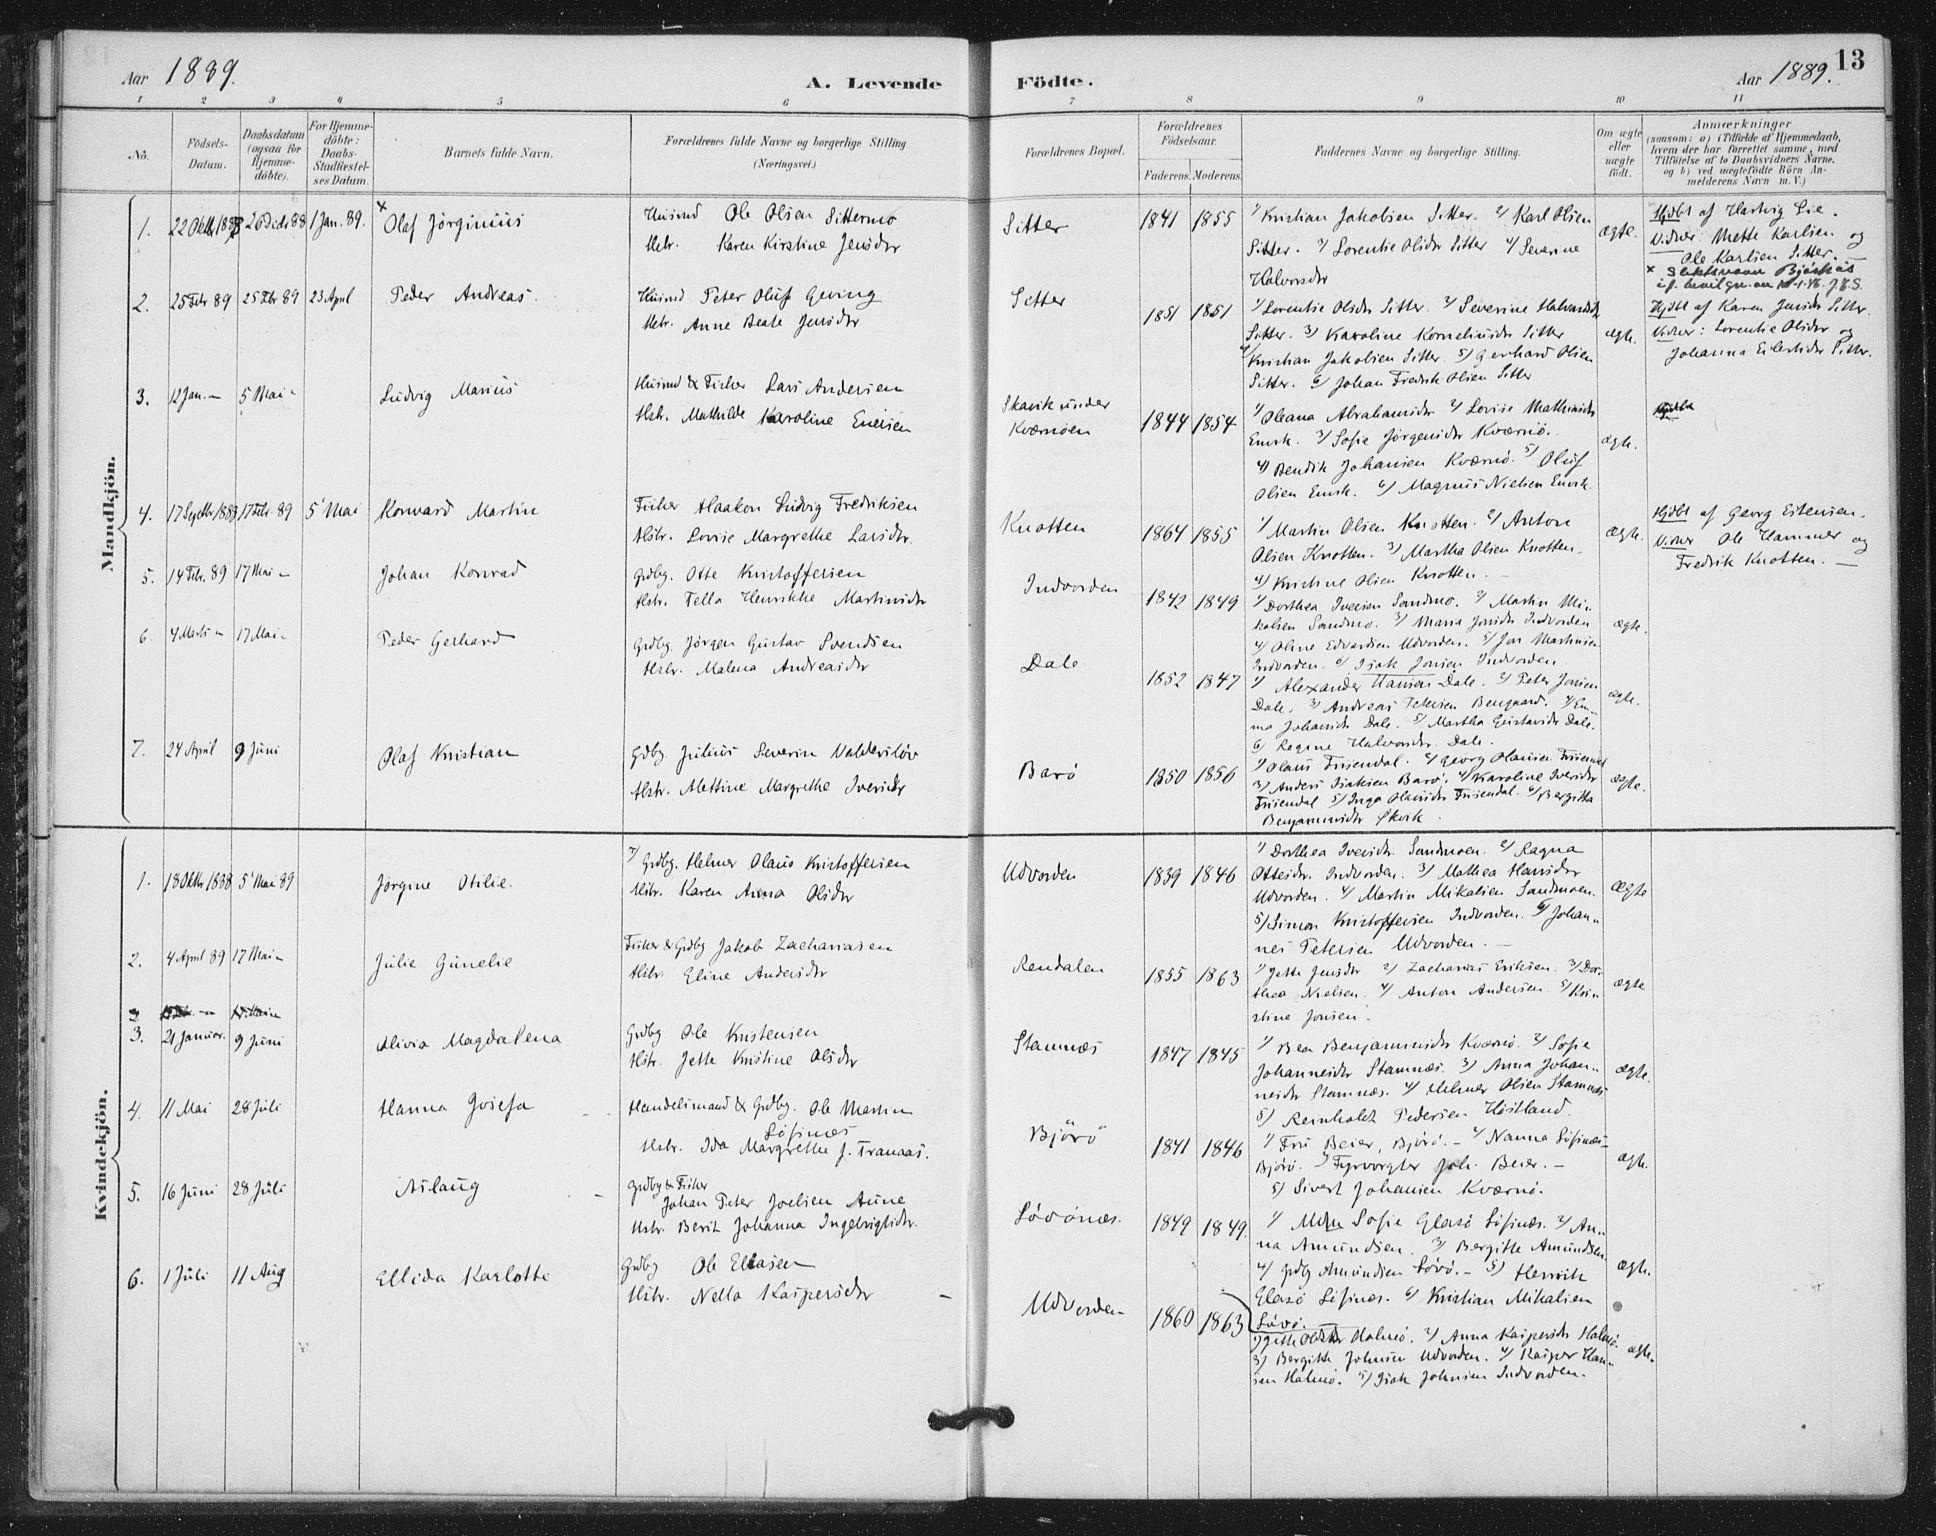 SAT, Ministerialprotokoller, klokkerbøker og fødselsregistre - Nord-Trøndelag, 772/L0603: Ministerialbok nr. 772A01, 1885-1912, s. 13